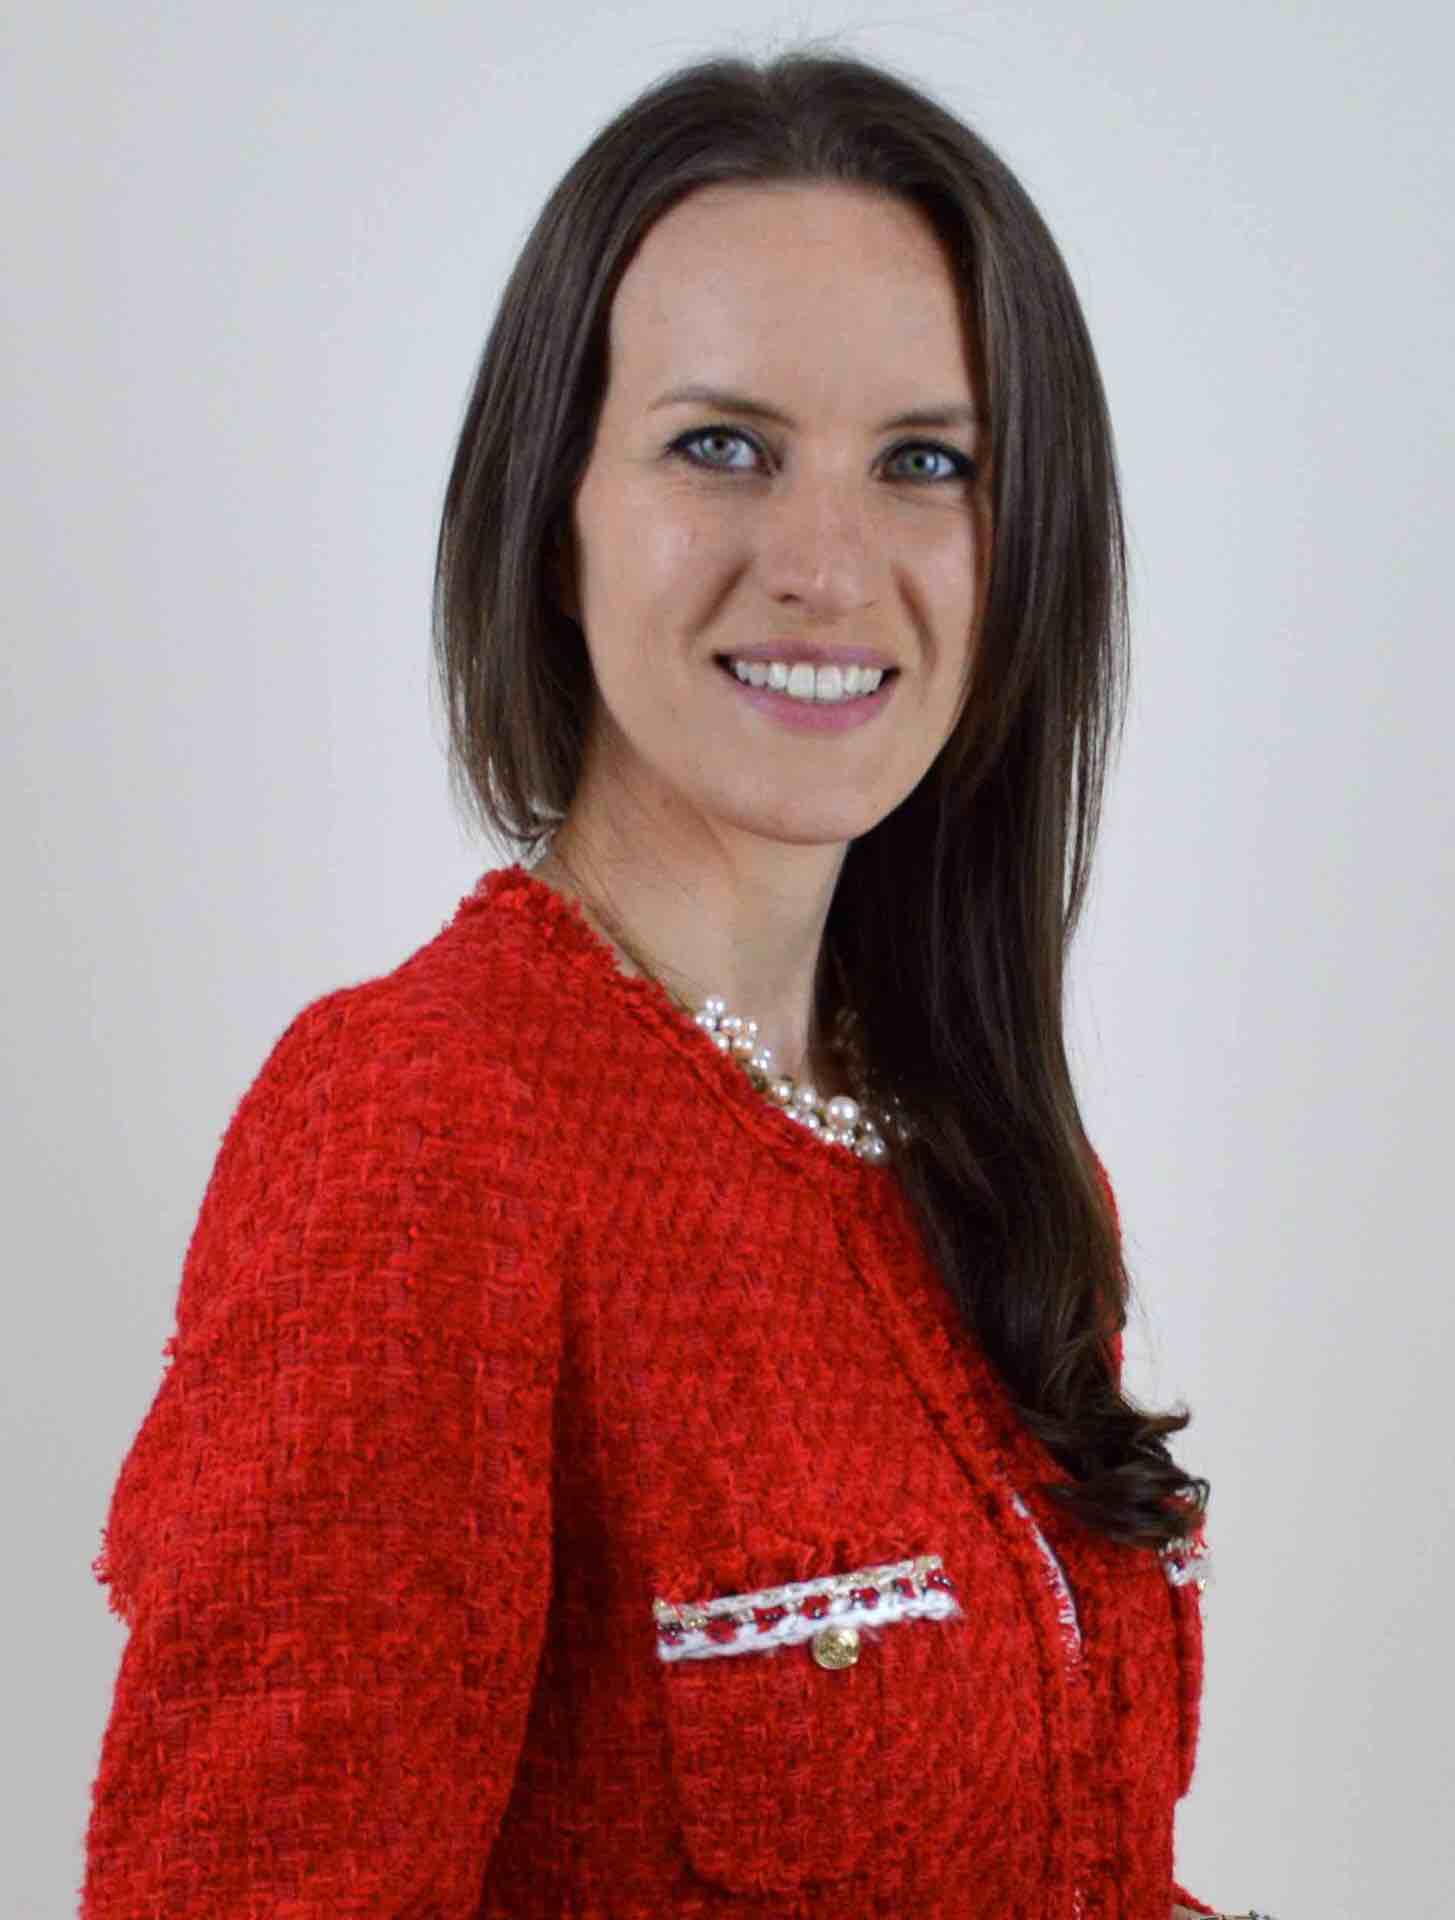 Portrait of Sophie Morris Millharbour